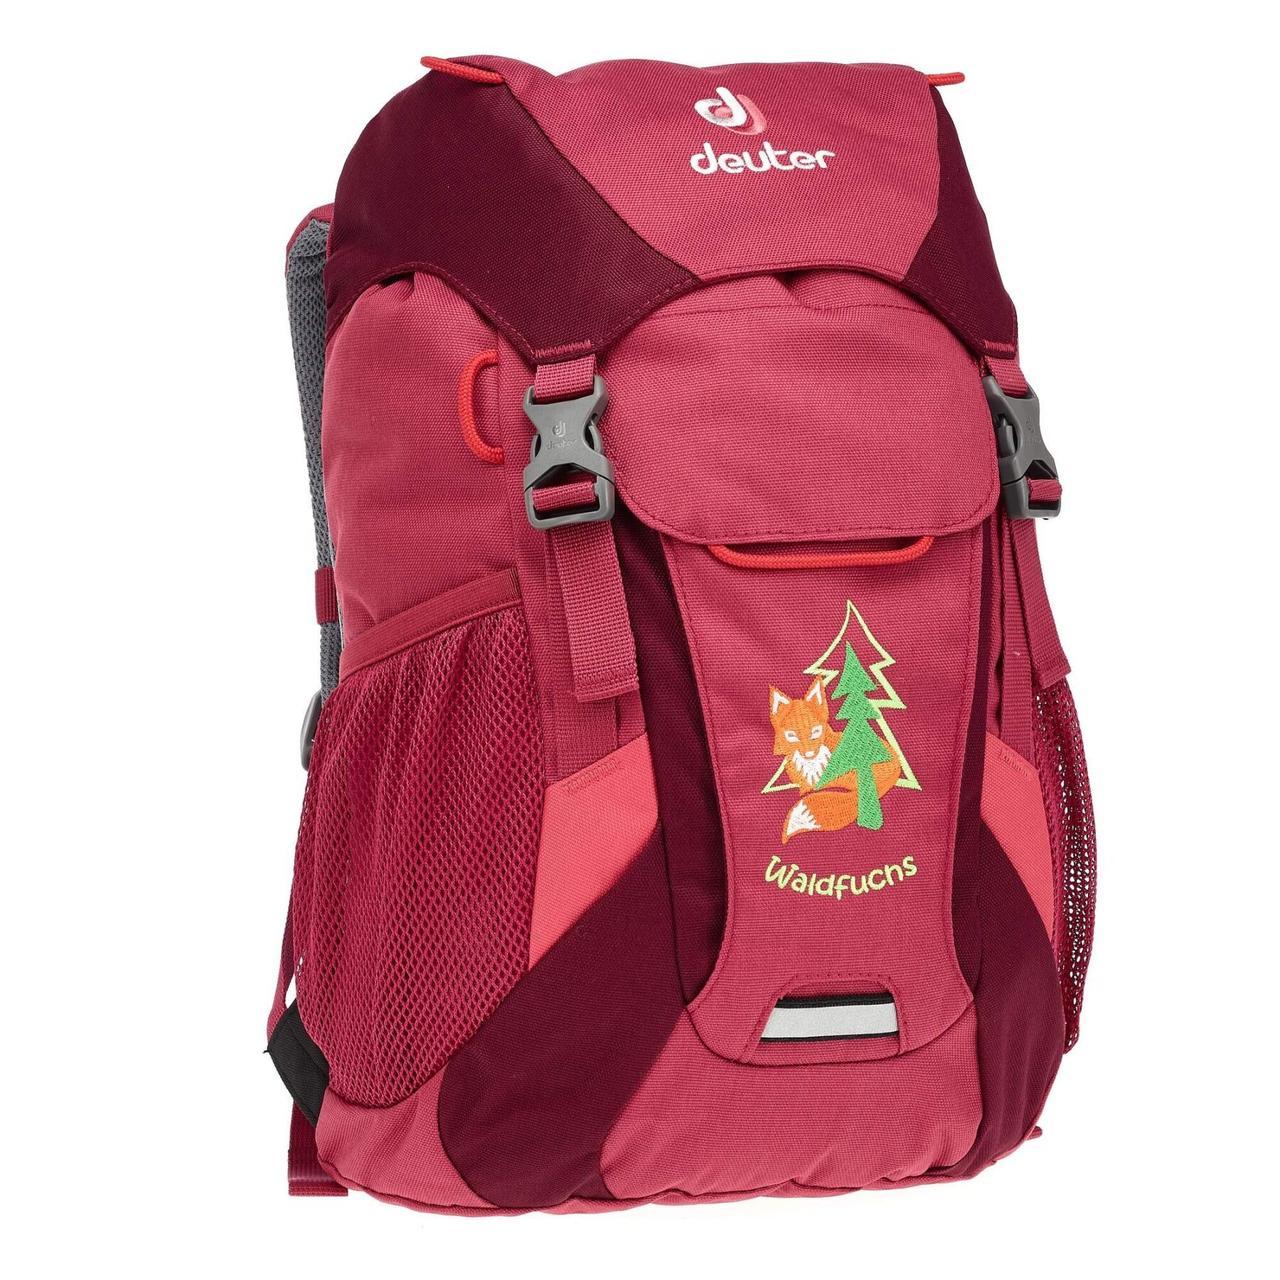 Рюкзак детский Deuter Waldfuchs cardinal-maron (3610015 5527)